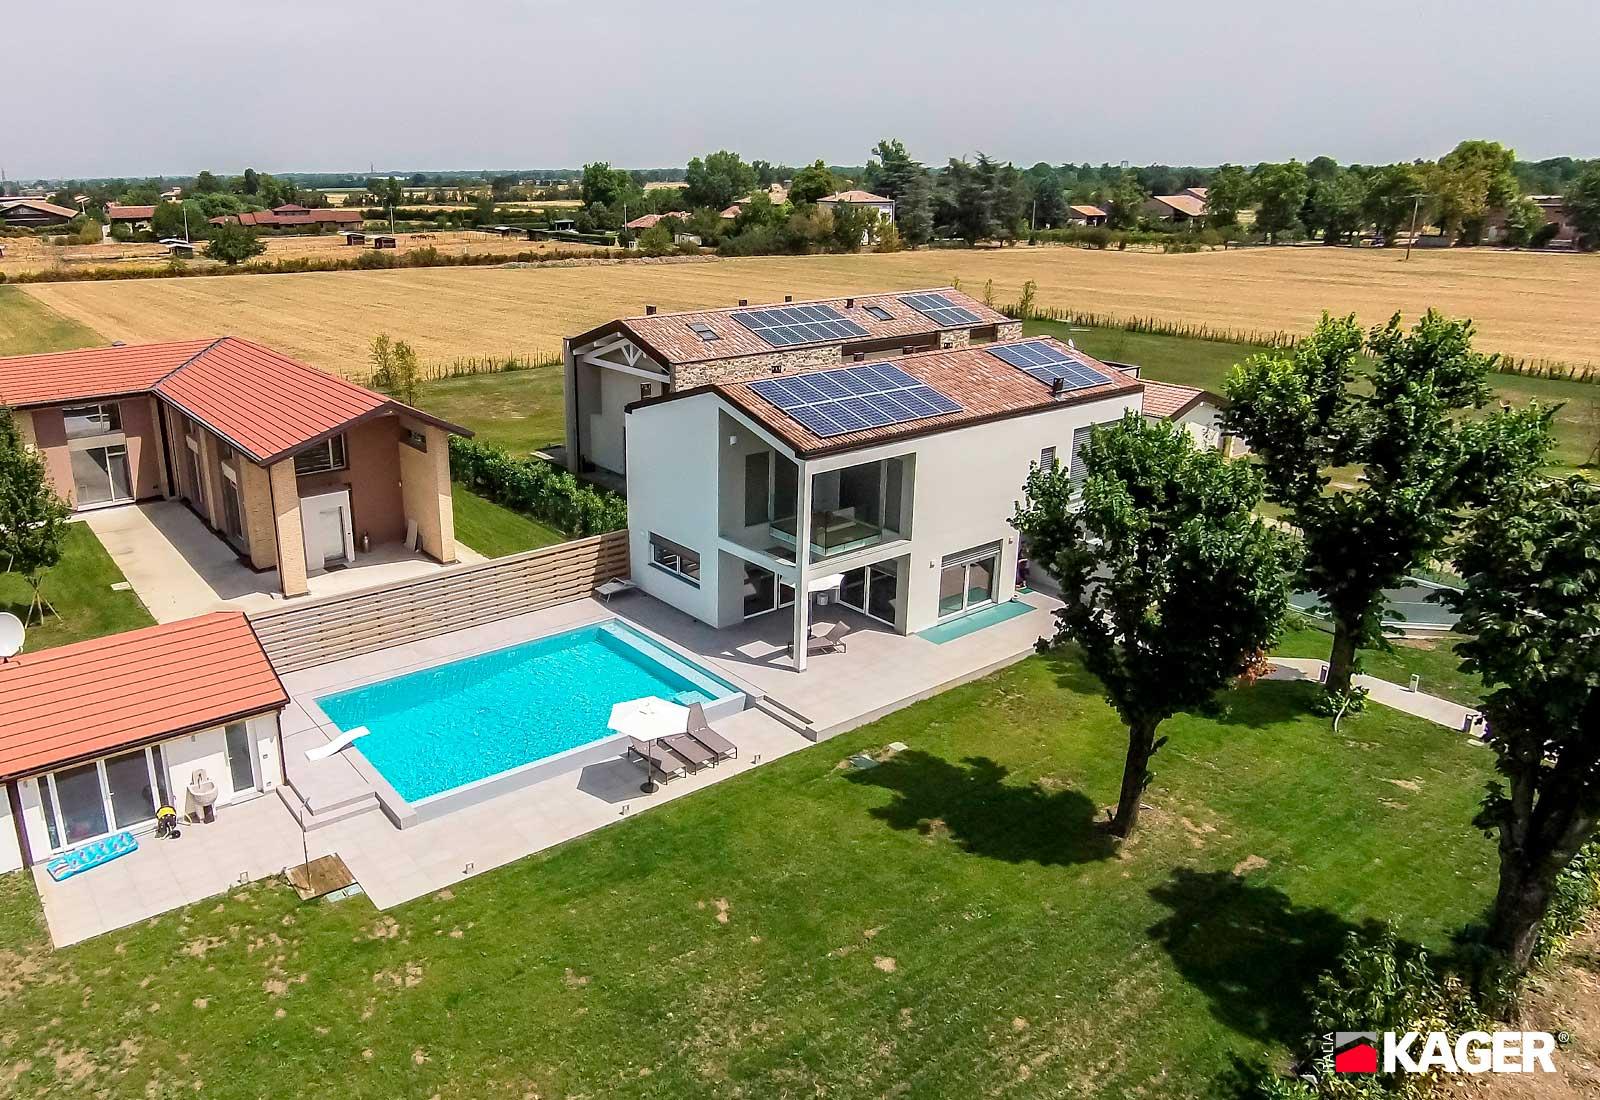 Casa-in-legno-Parma-Kager-Italia-04